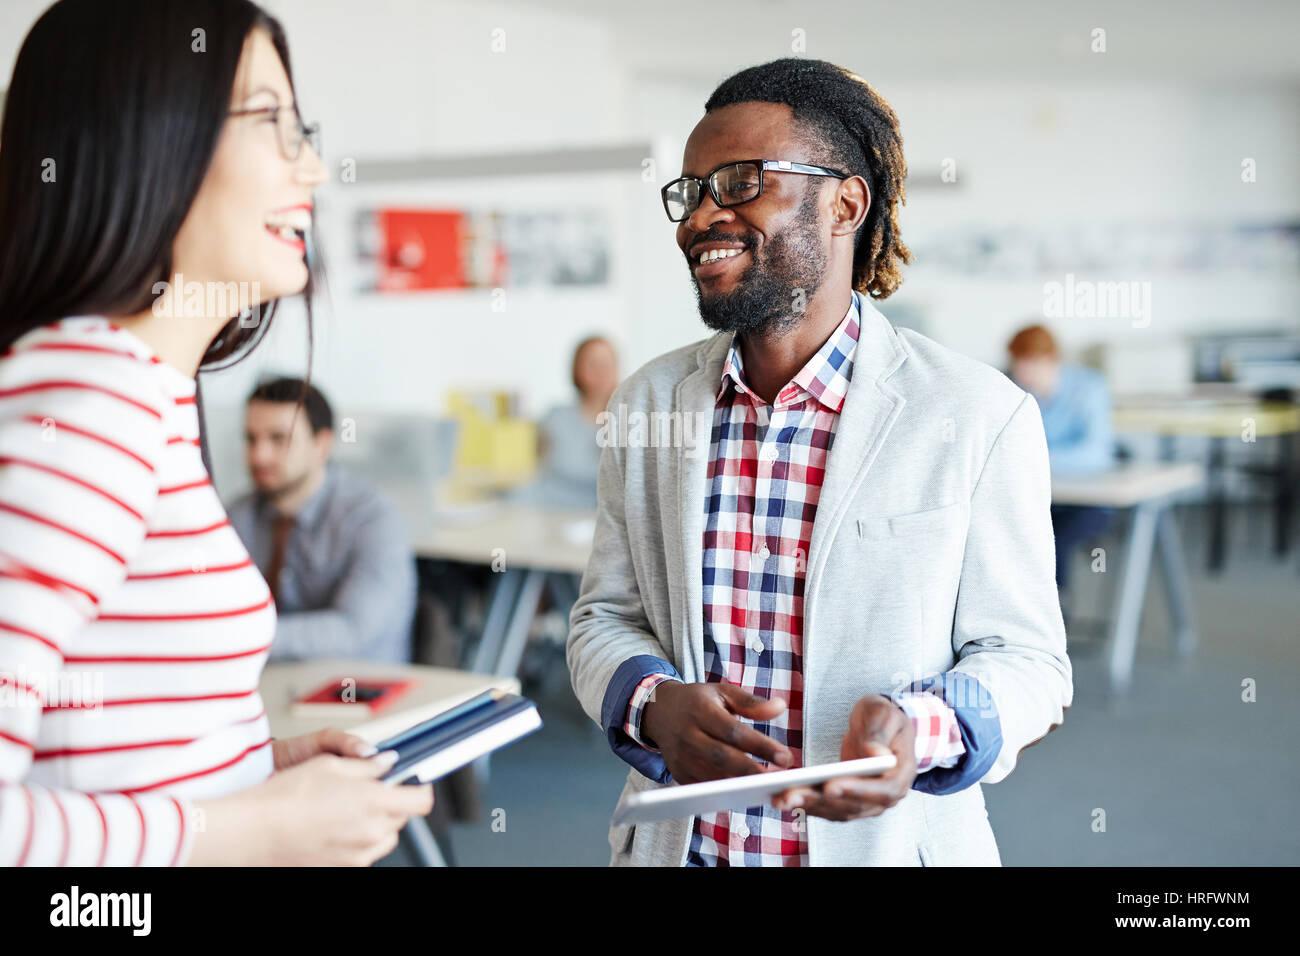 Les collègues masculins et féminins en permanent open plan office et rire de quelque chose, Afro-employé Photo Stock